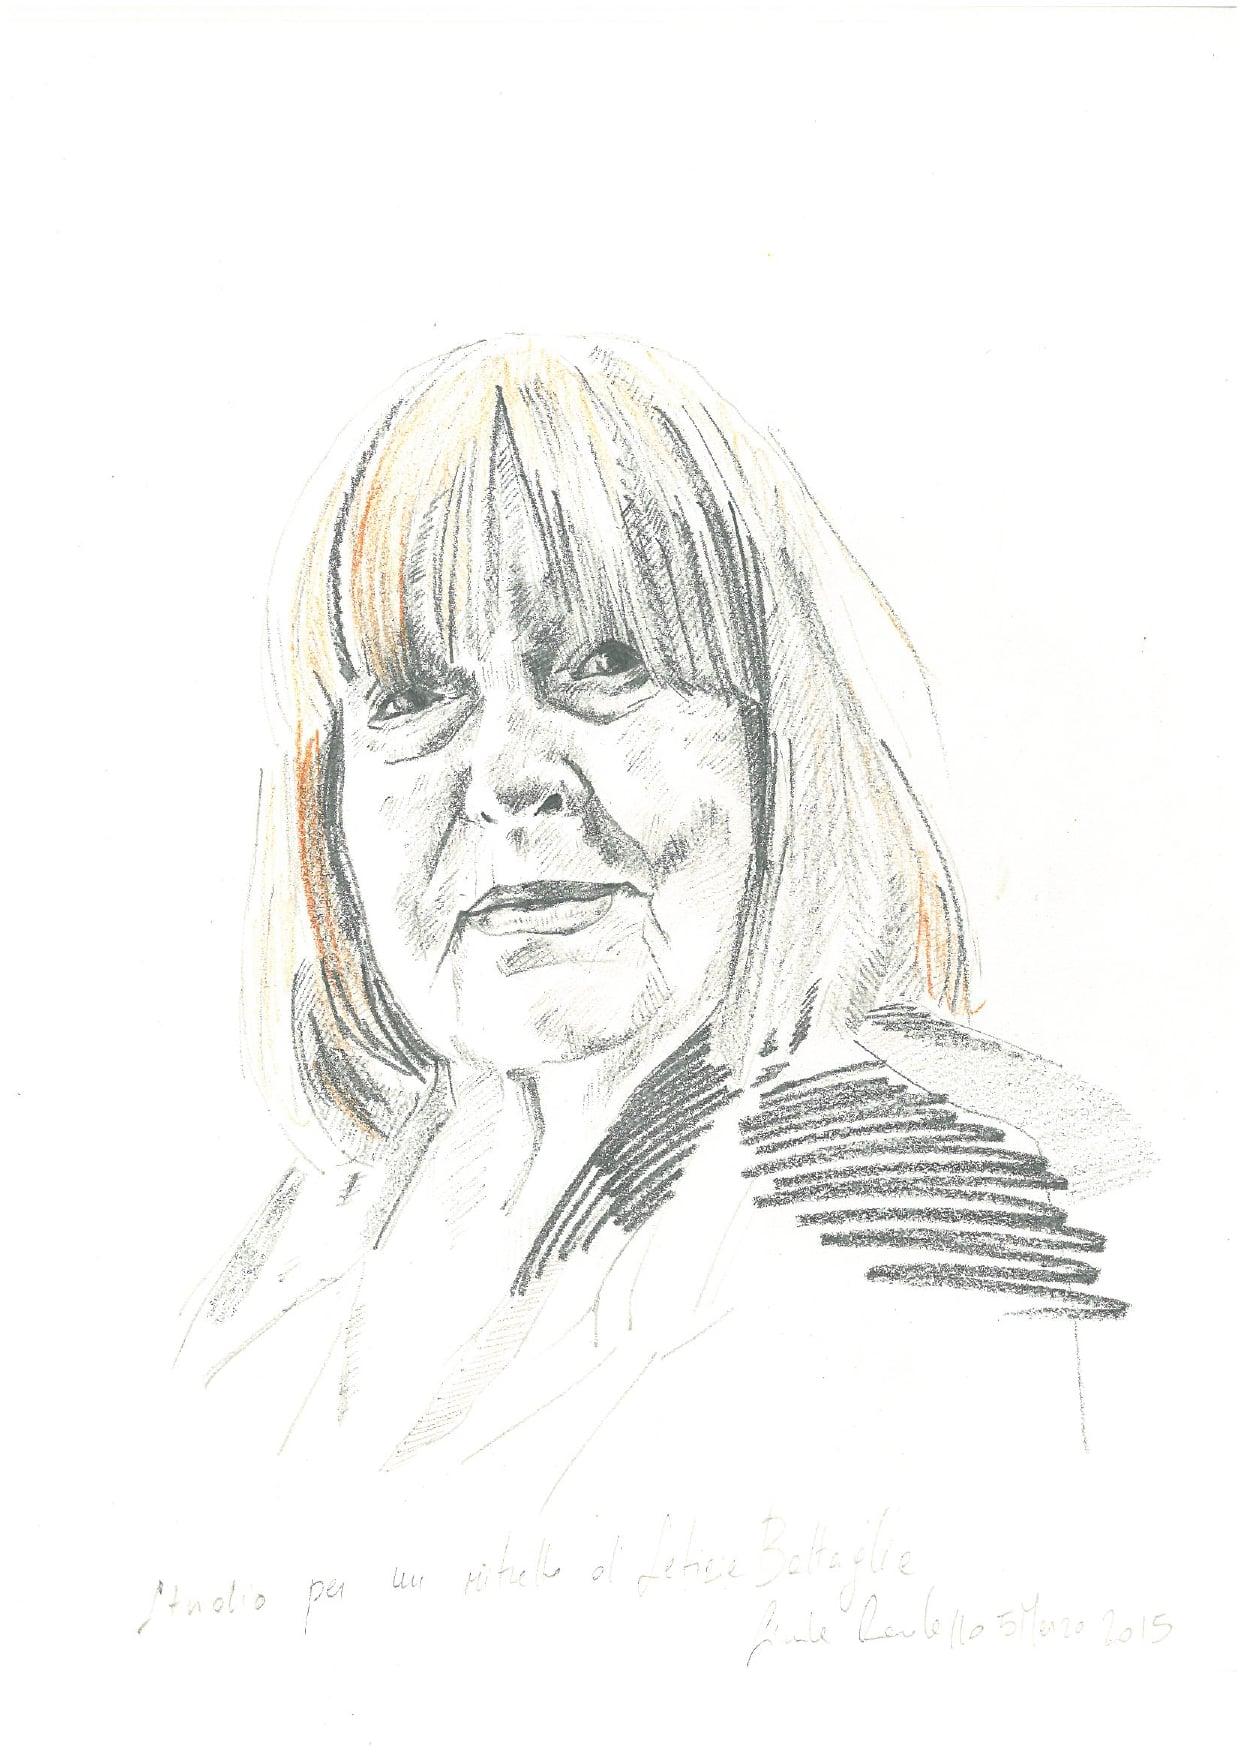 #lindarandazzo studio per un ritratto di Letizia Battaglia matite su carta 2015